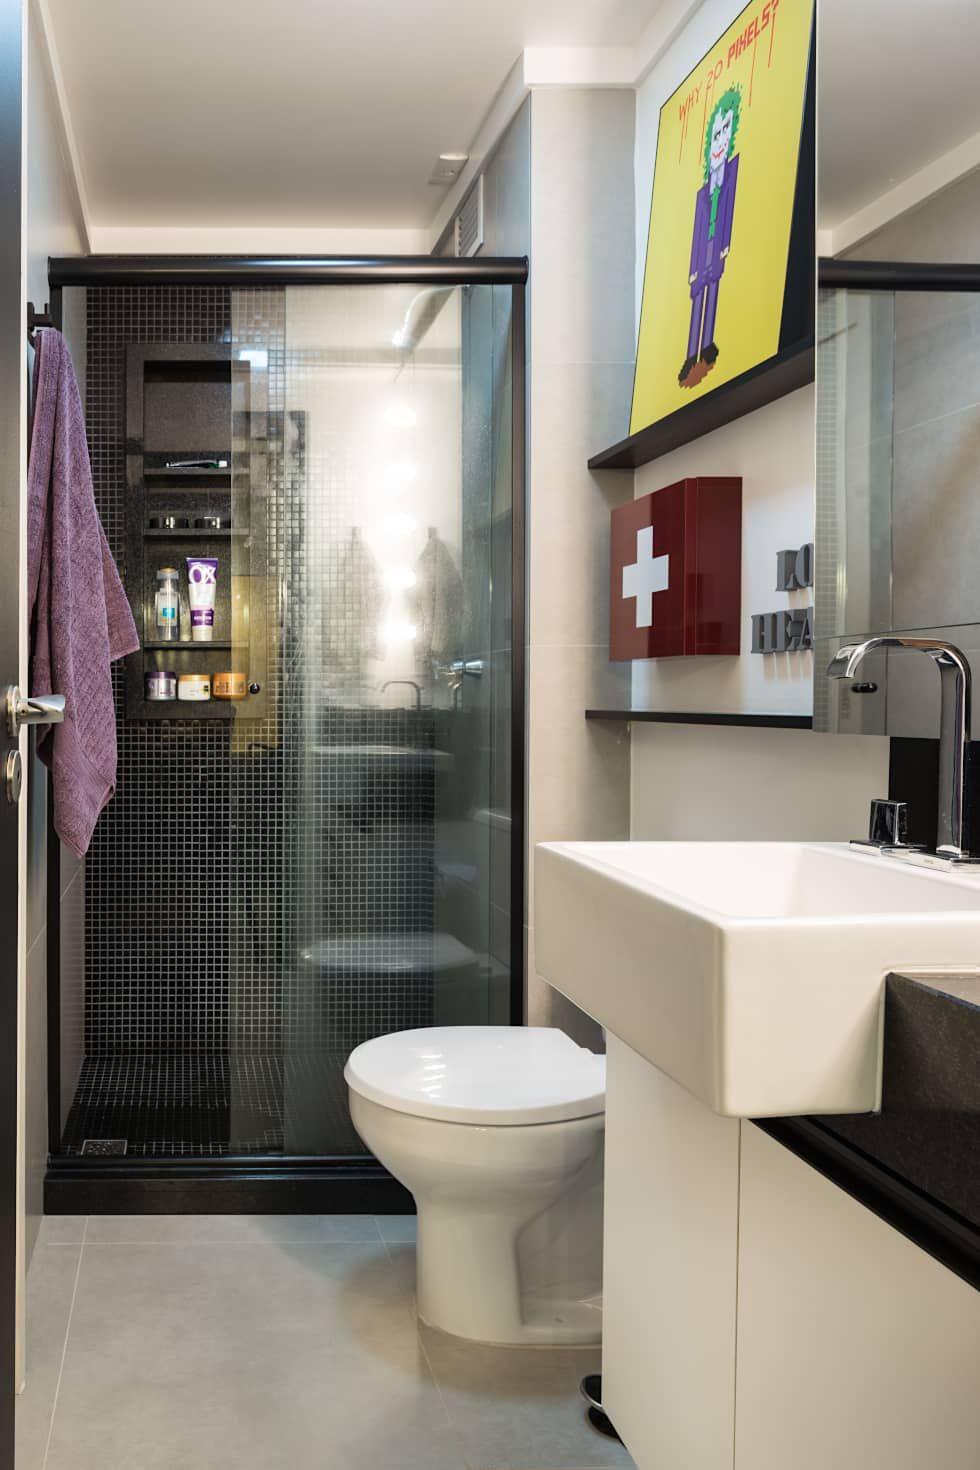 Fotos de decoração, design de interiores e reformas | Bathrooms ...